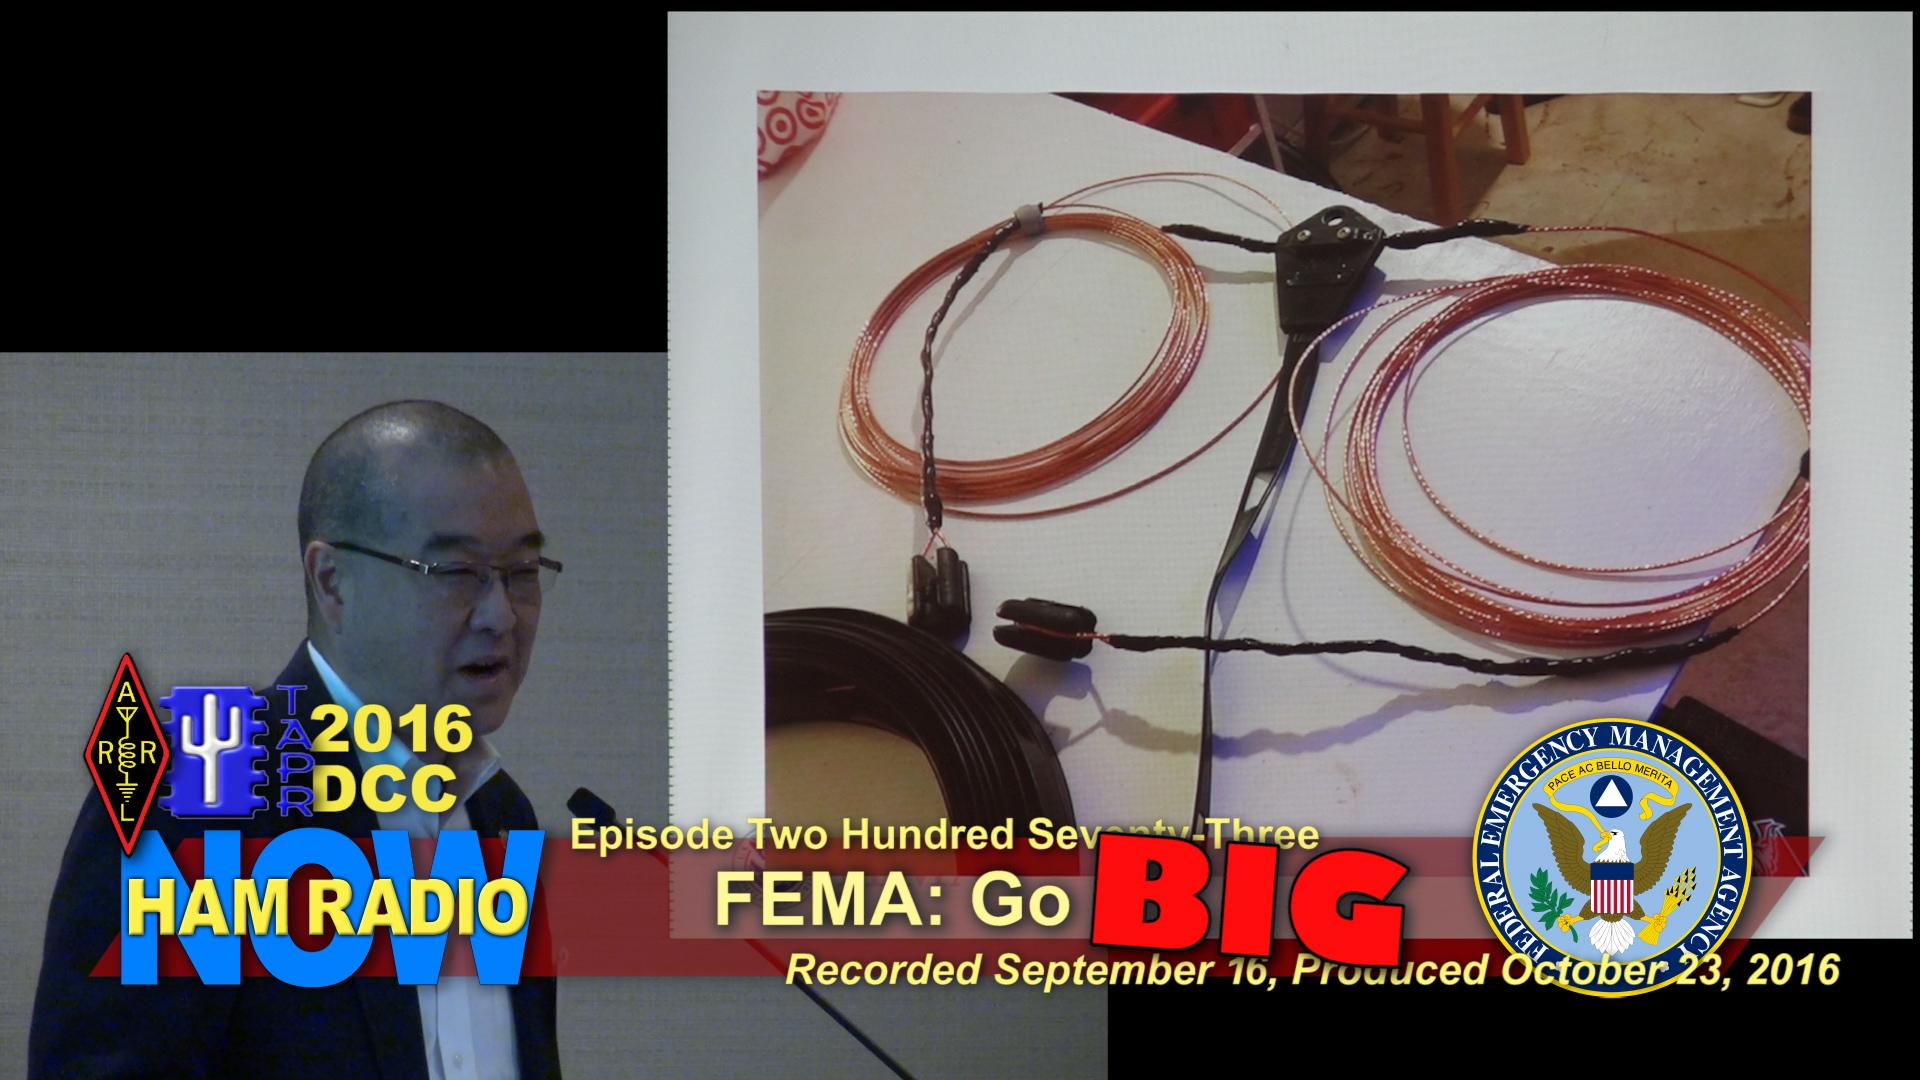 HRN 273 FEMA Go Big POSTER.jpg